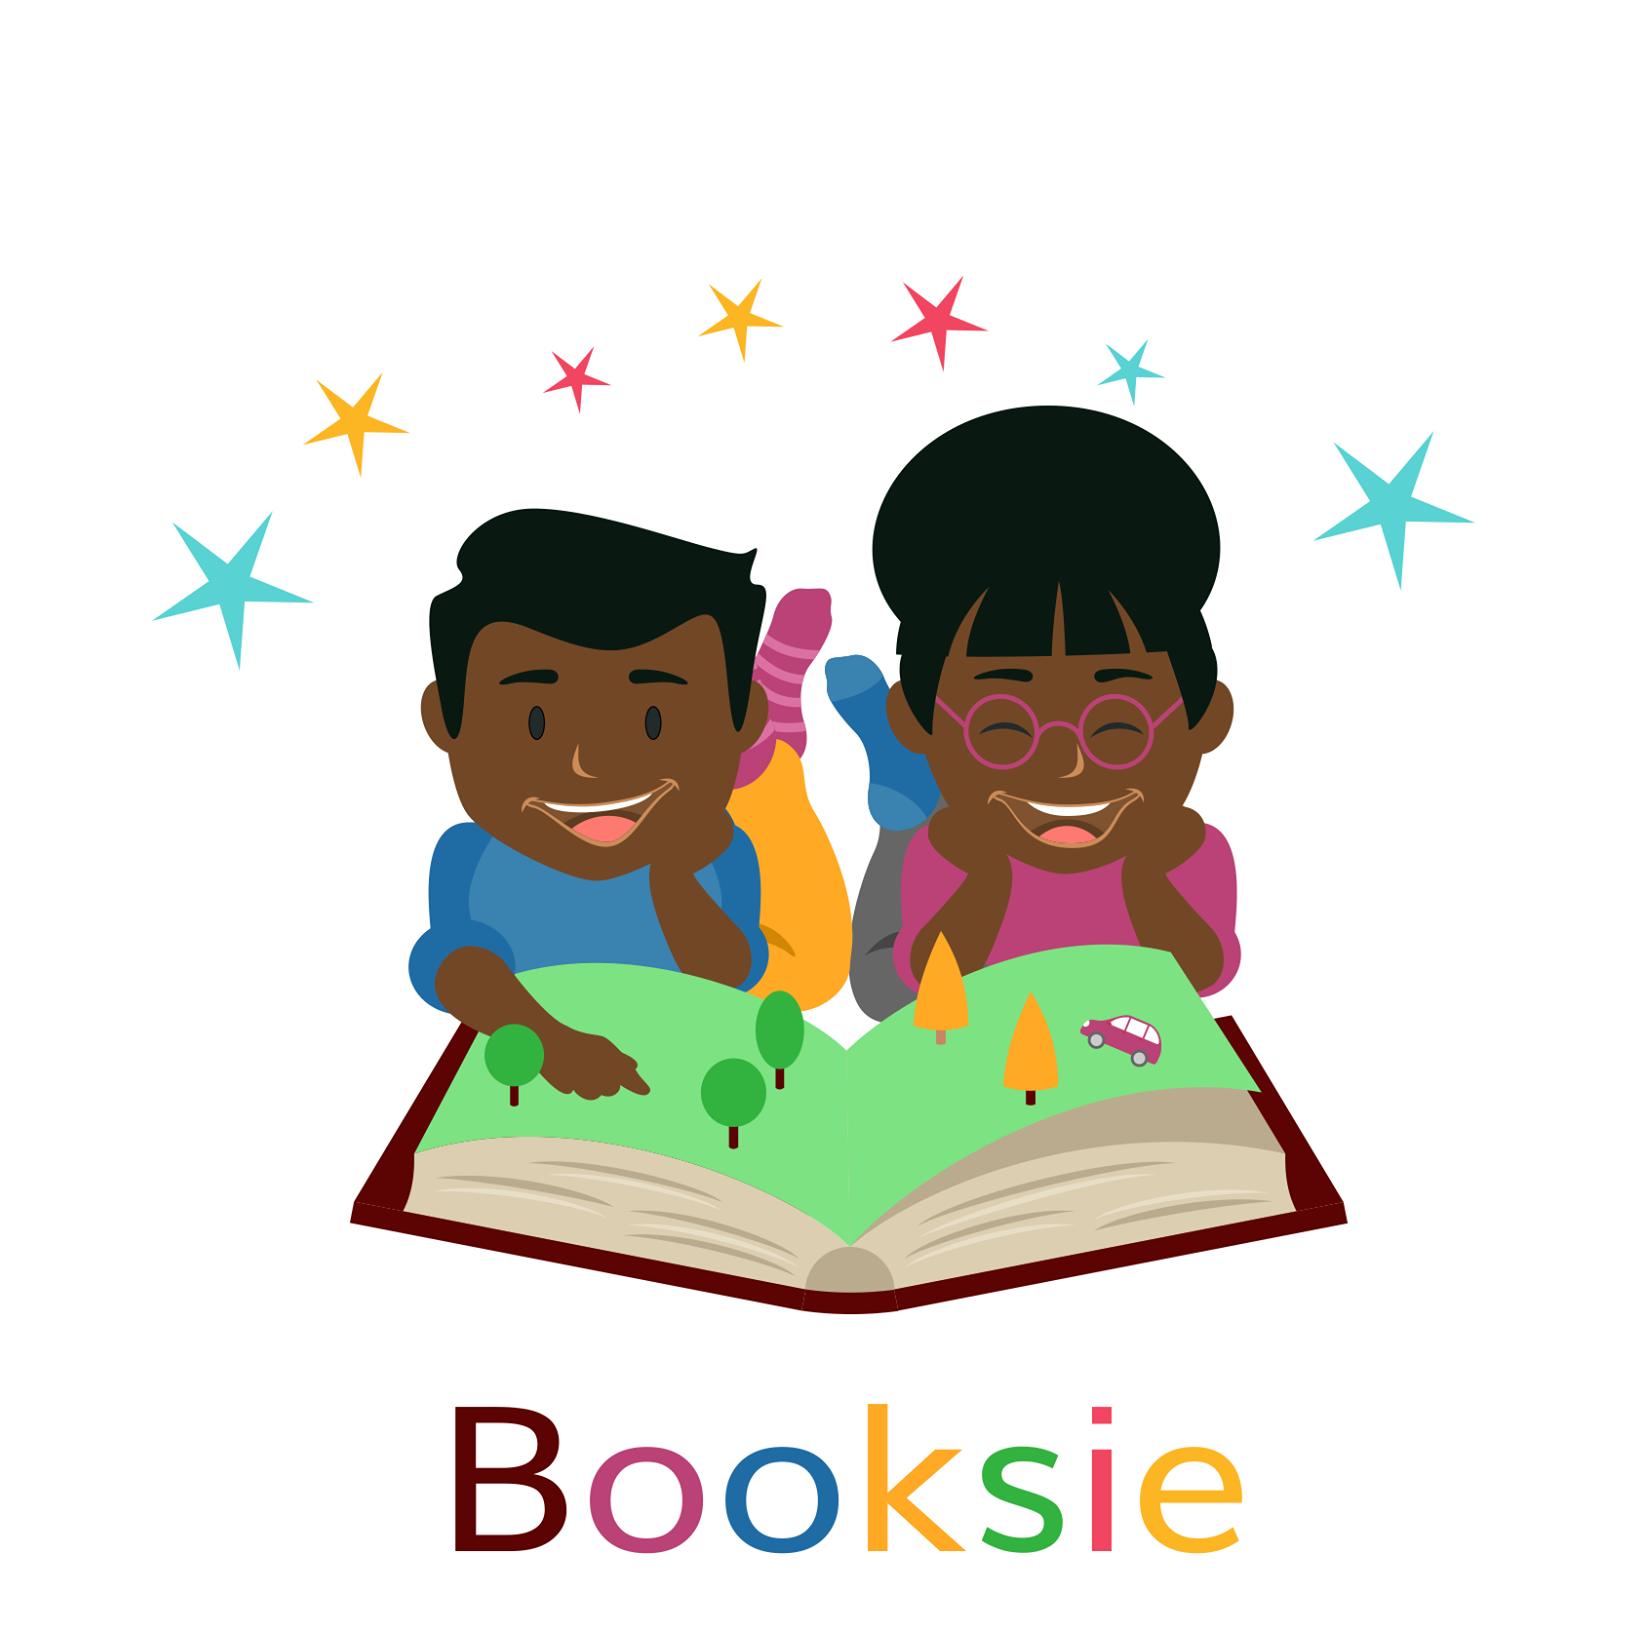 Booksie Image